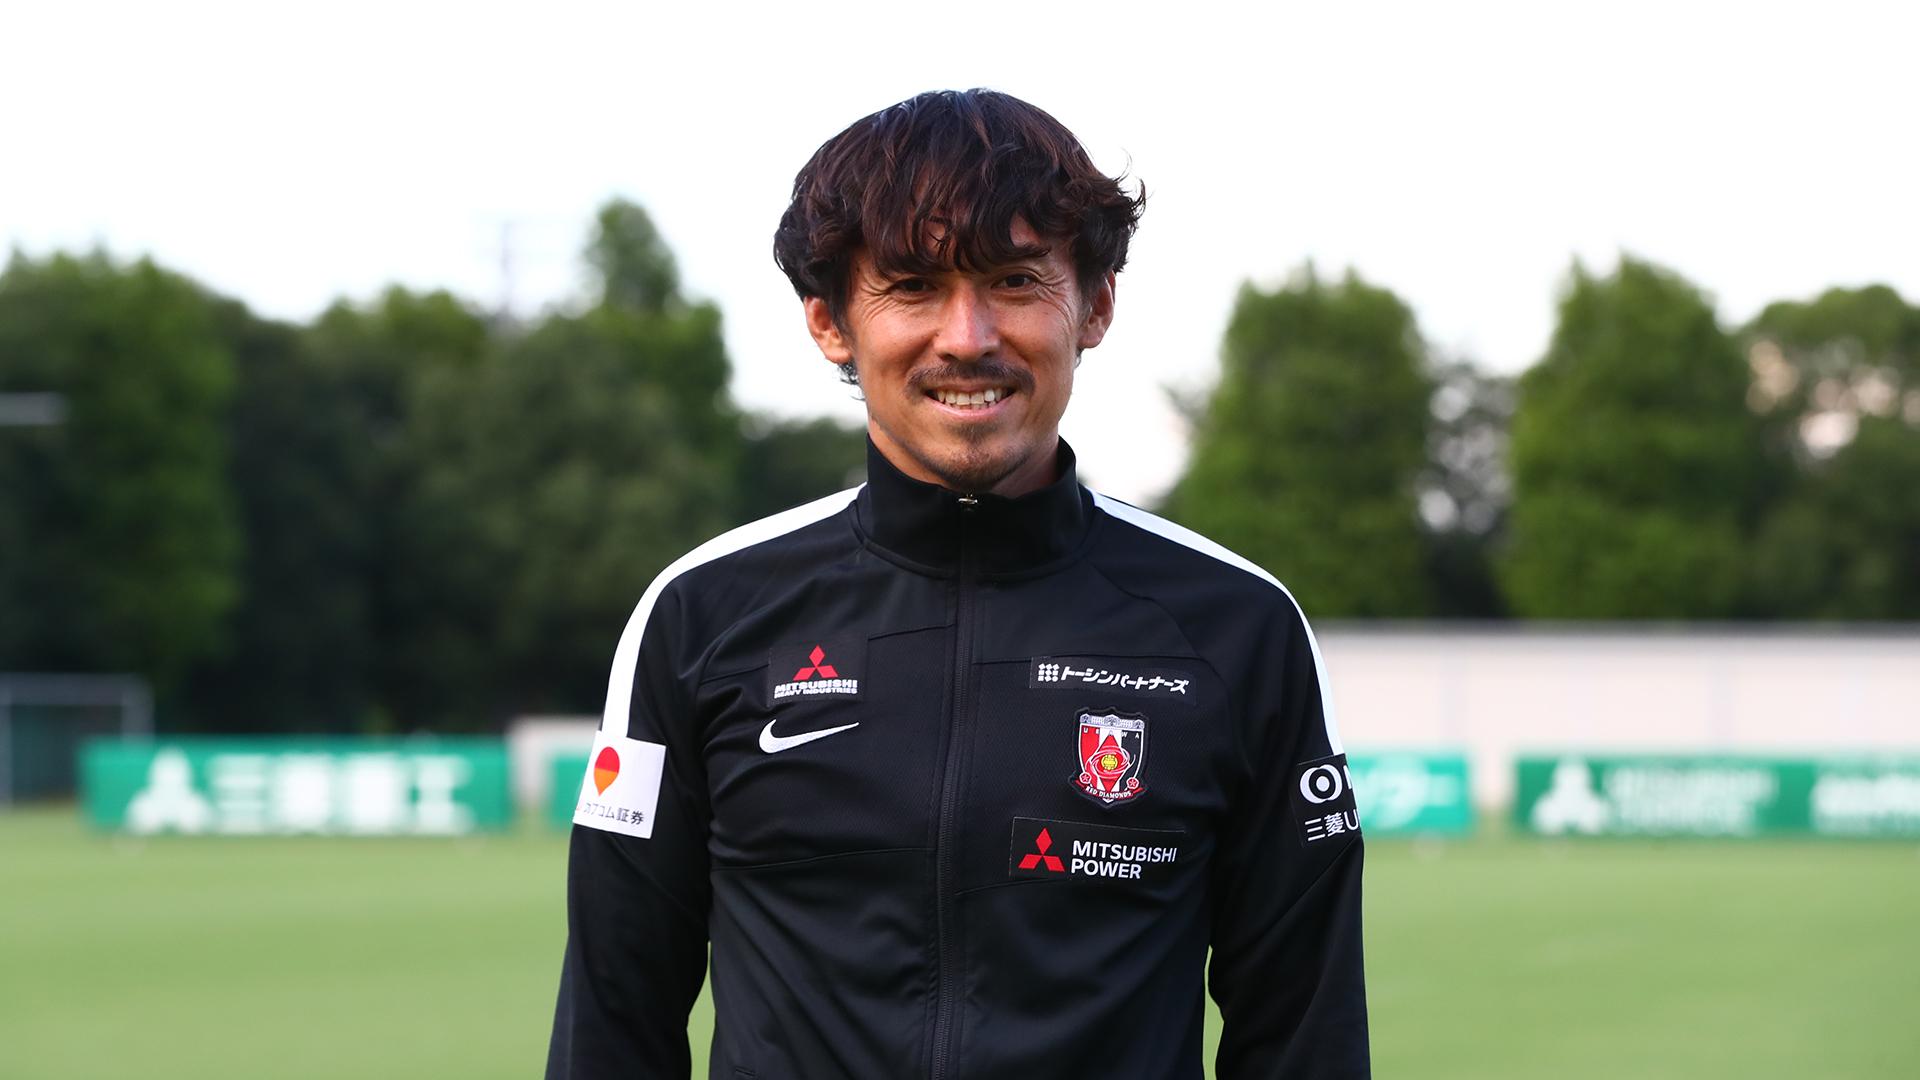 平川忠亮よりファン・サポーターのみなさまへ